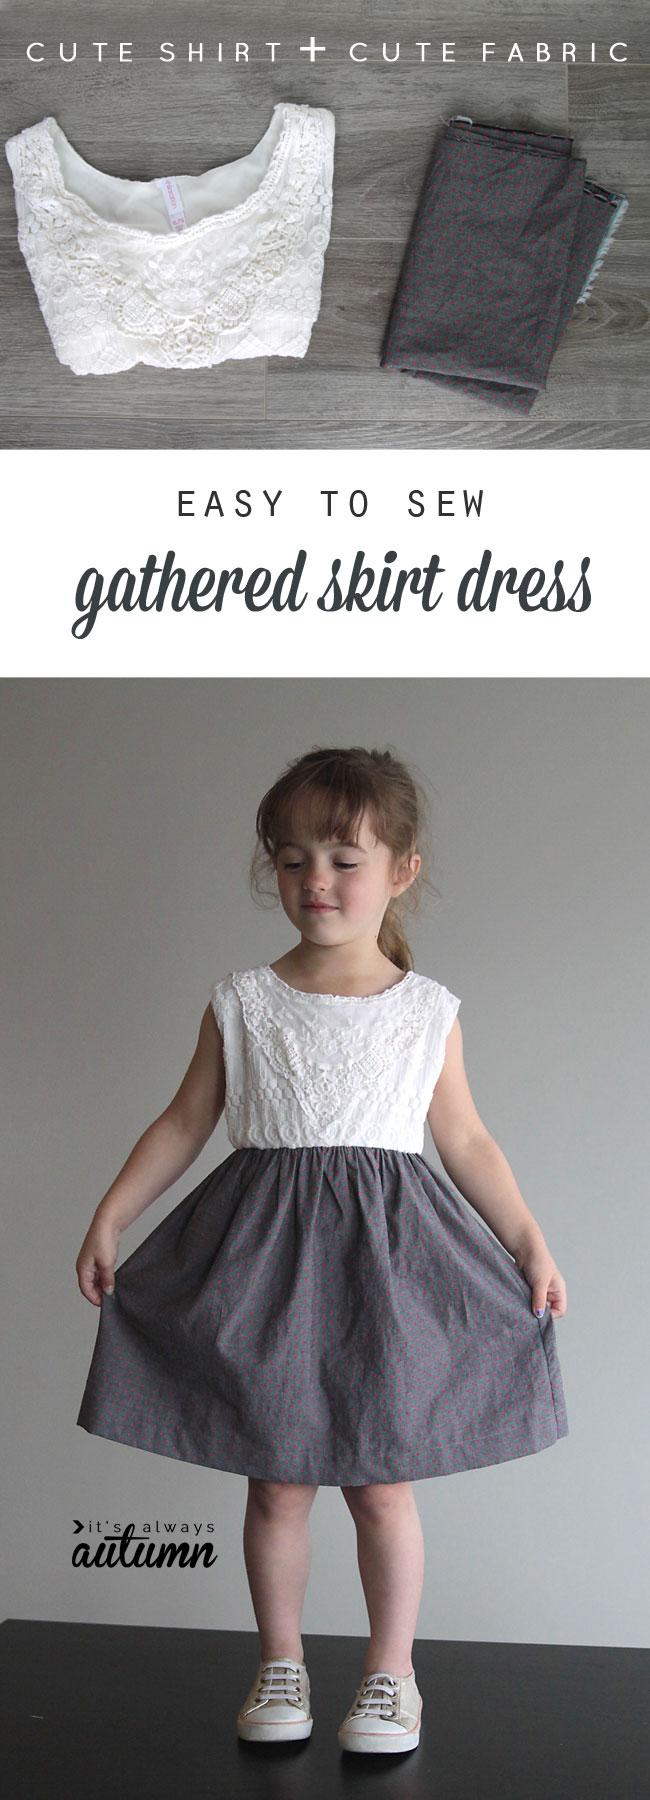 a371703ba Dress a Girl Around the World - T-Shirt Dresses